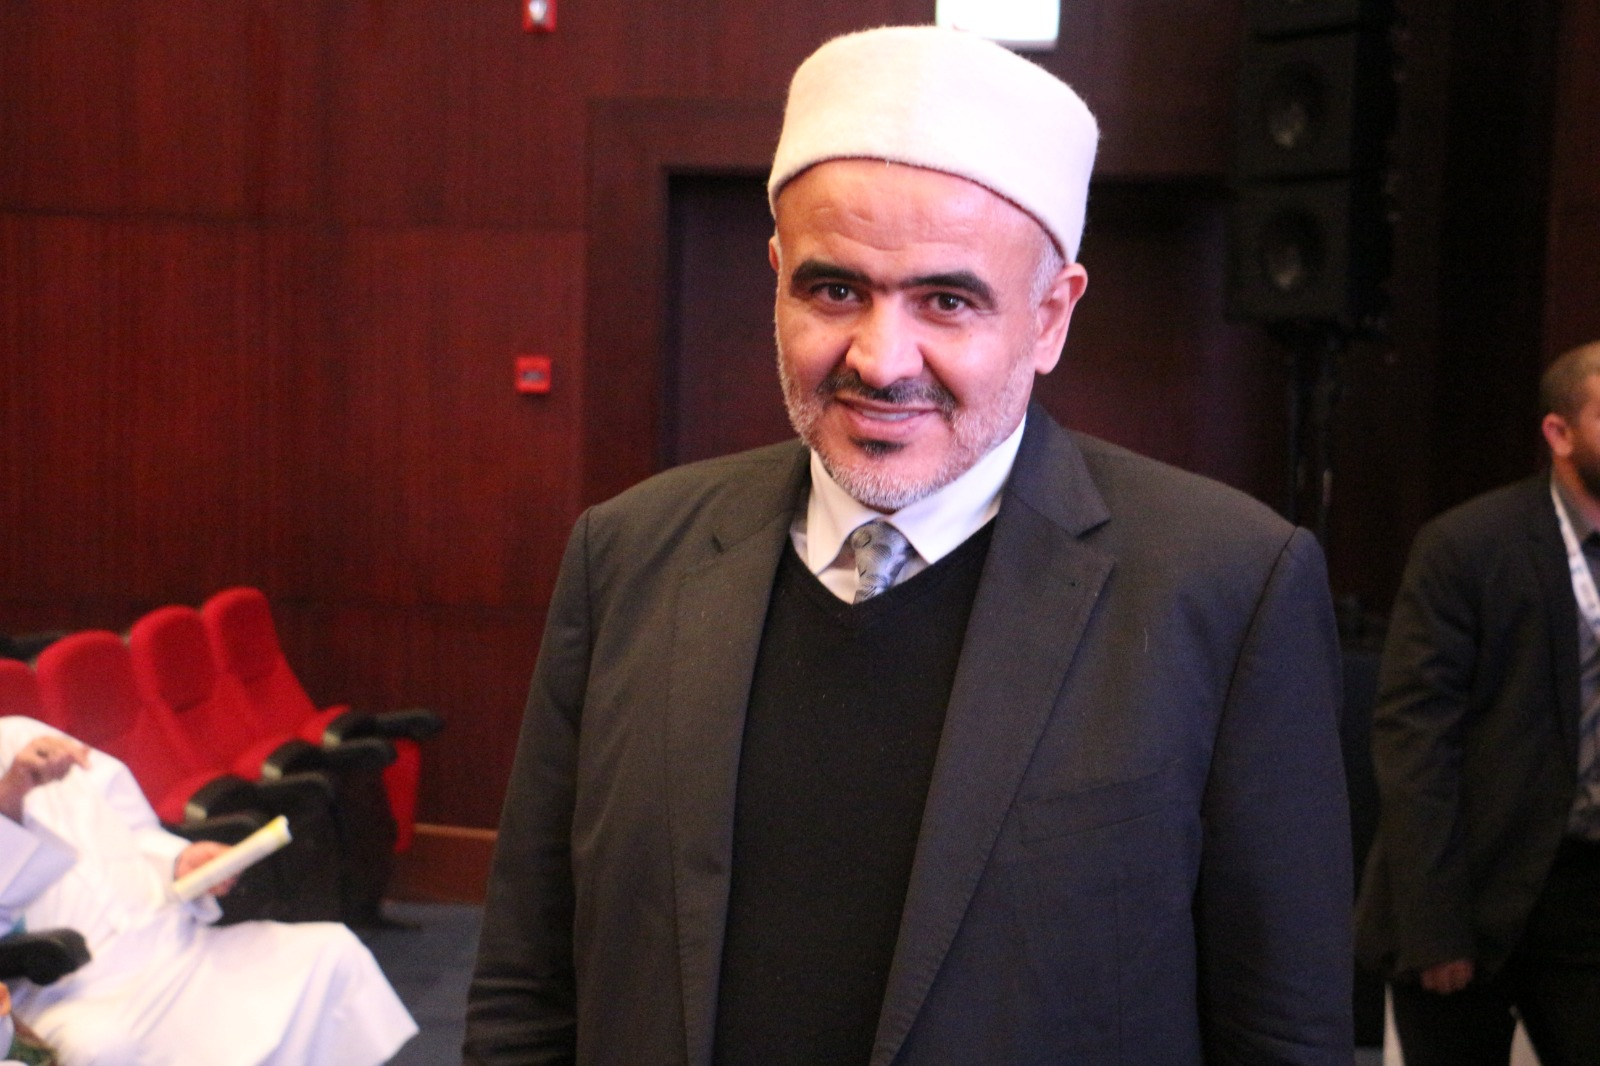 صلابی: تمدنها قوانین تجدید و پویایی و جایگزینی دارند